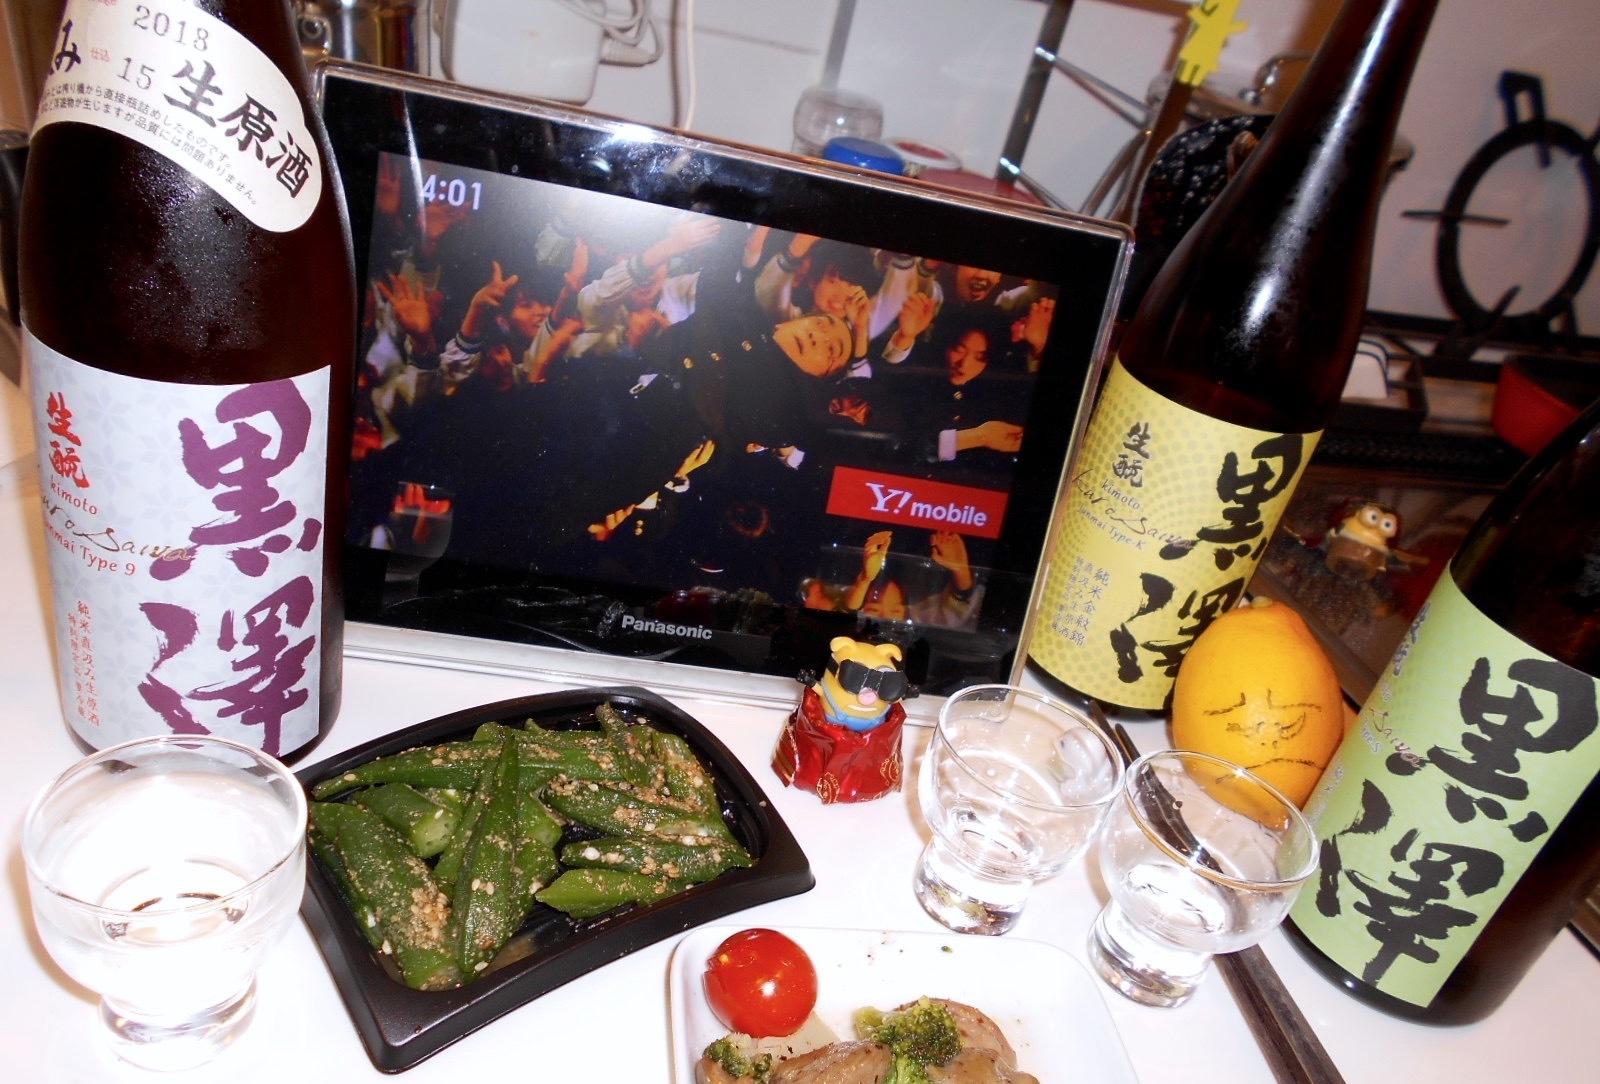 kurosawa_type9_30by2_3.jpg